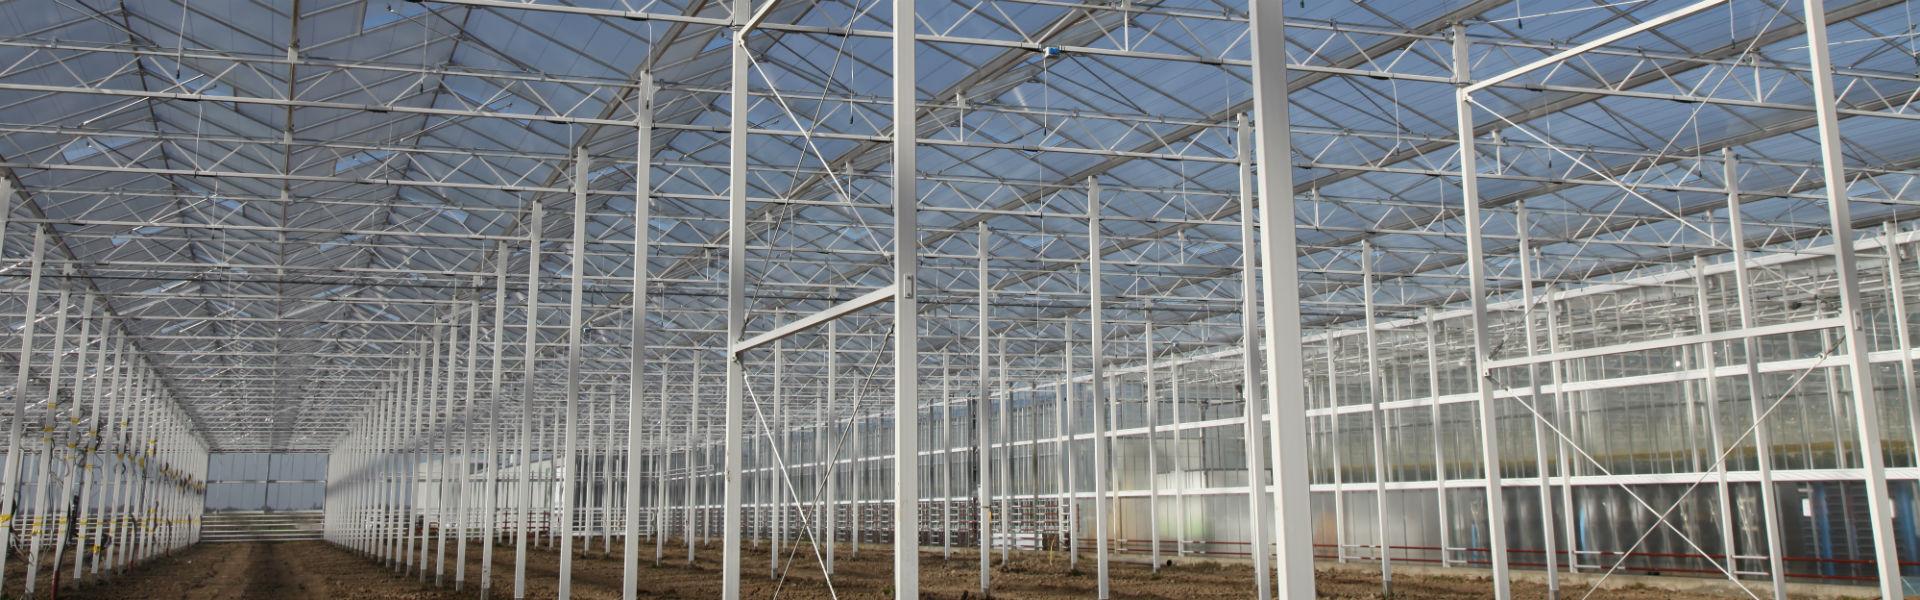 steel construct